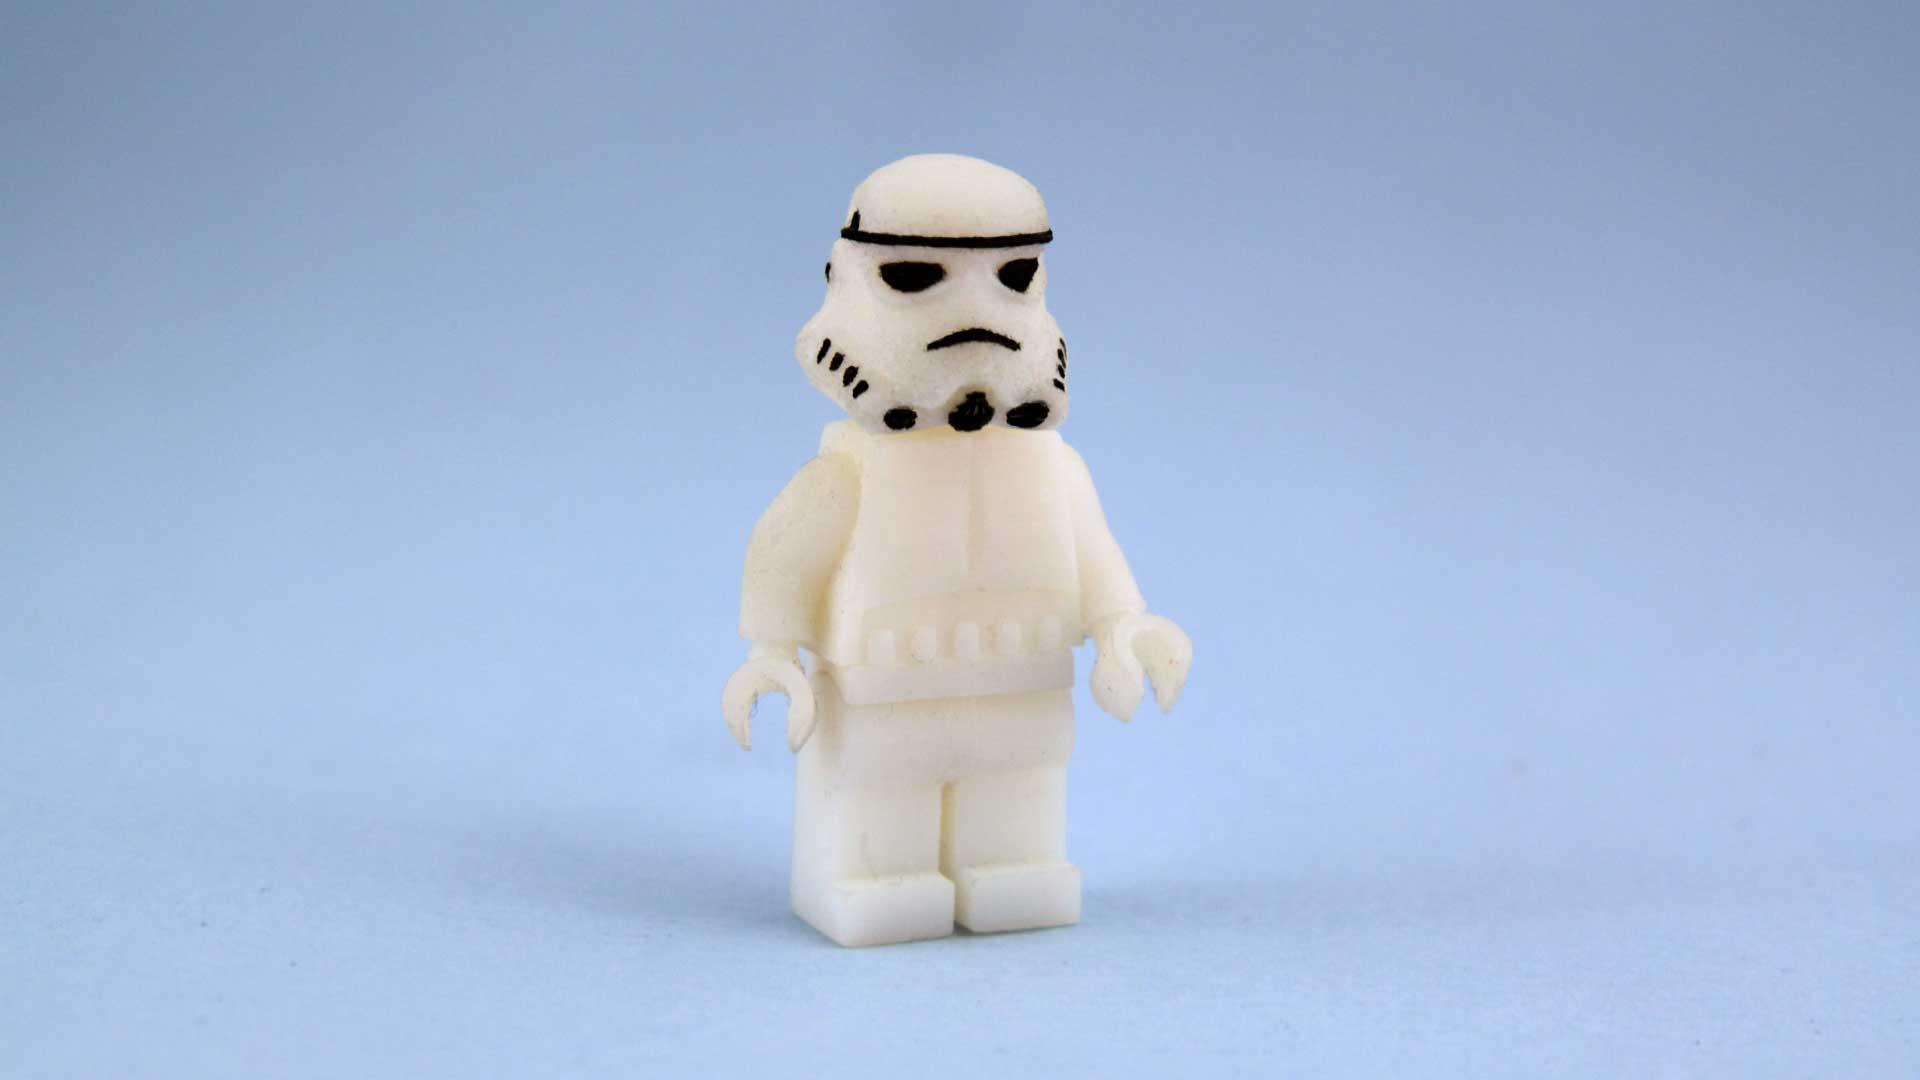 Lego Stormtrooper | Johan von Konow